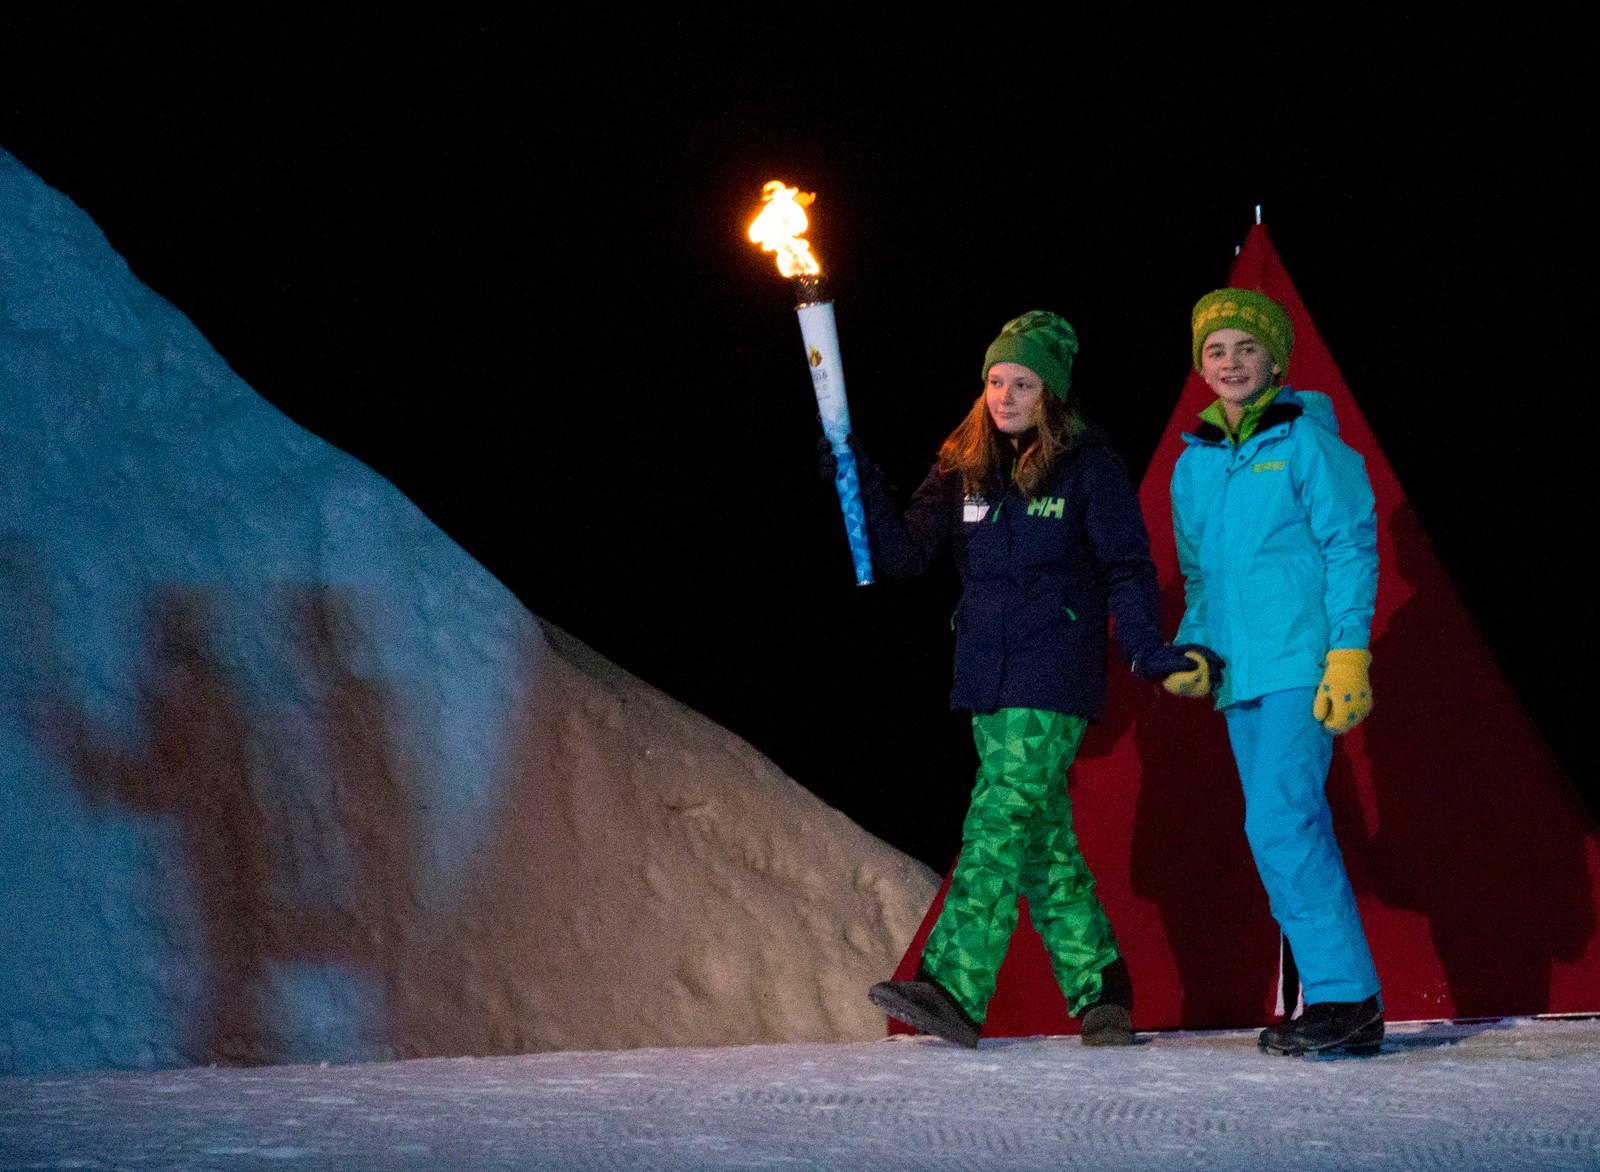 Prinsesse Ingrid Alexandra og Eilif Hellum Noraker på vei for å tenne OL-ilden.